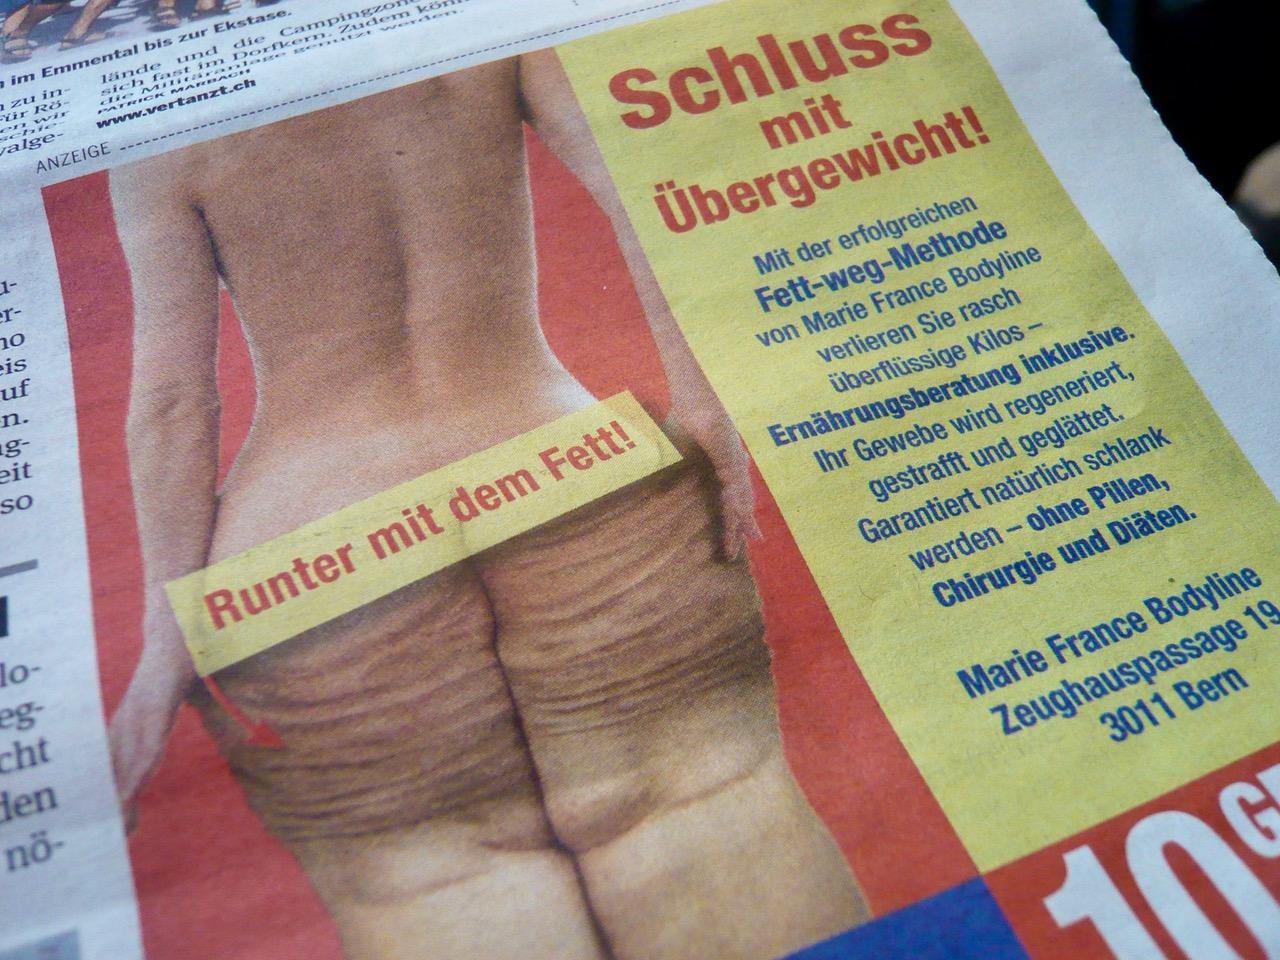 mark_benecke_herbert_hoffmann_schweiz - 12.jpeg